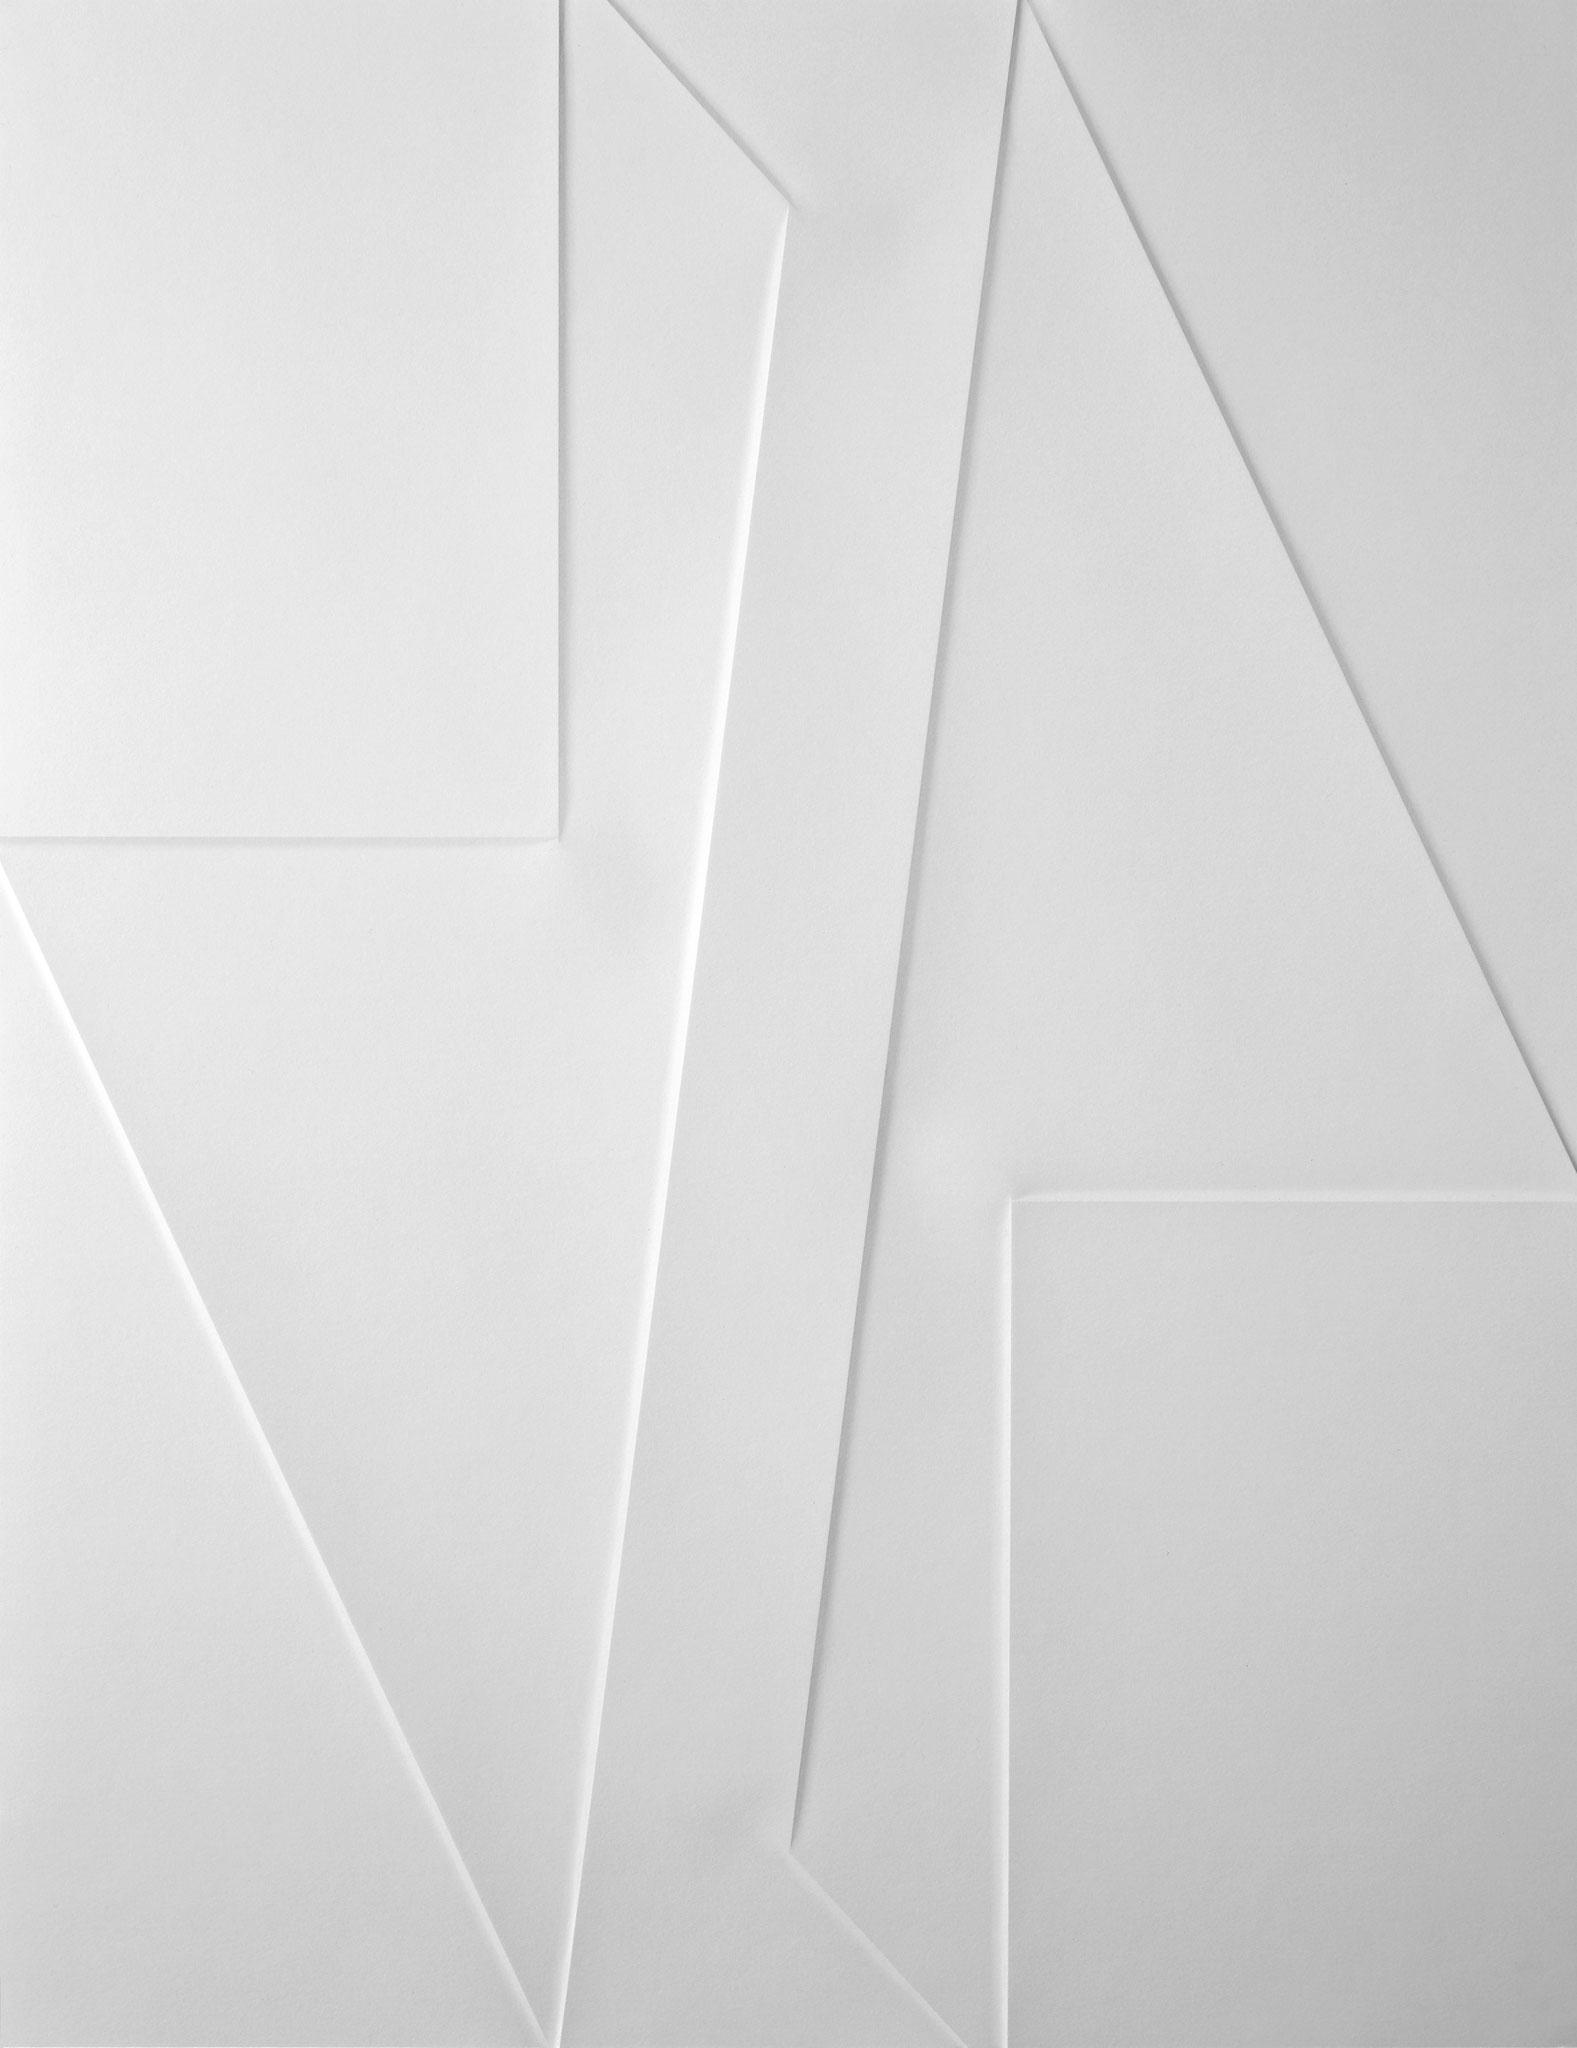 lines P 53, 2020, Papier gefalzt, 77 x 59,7 cm